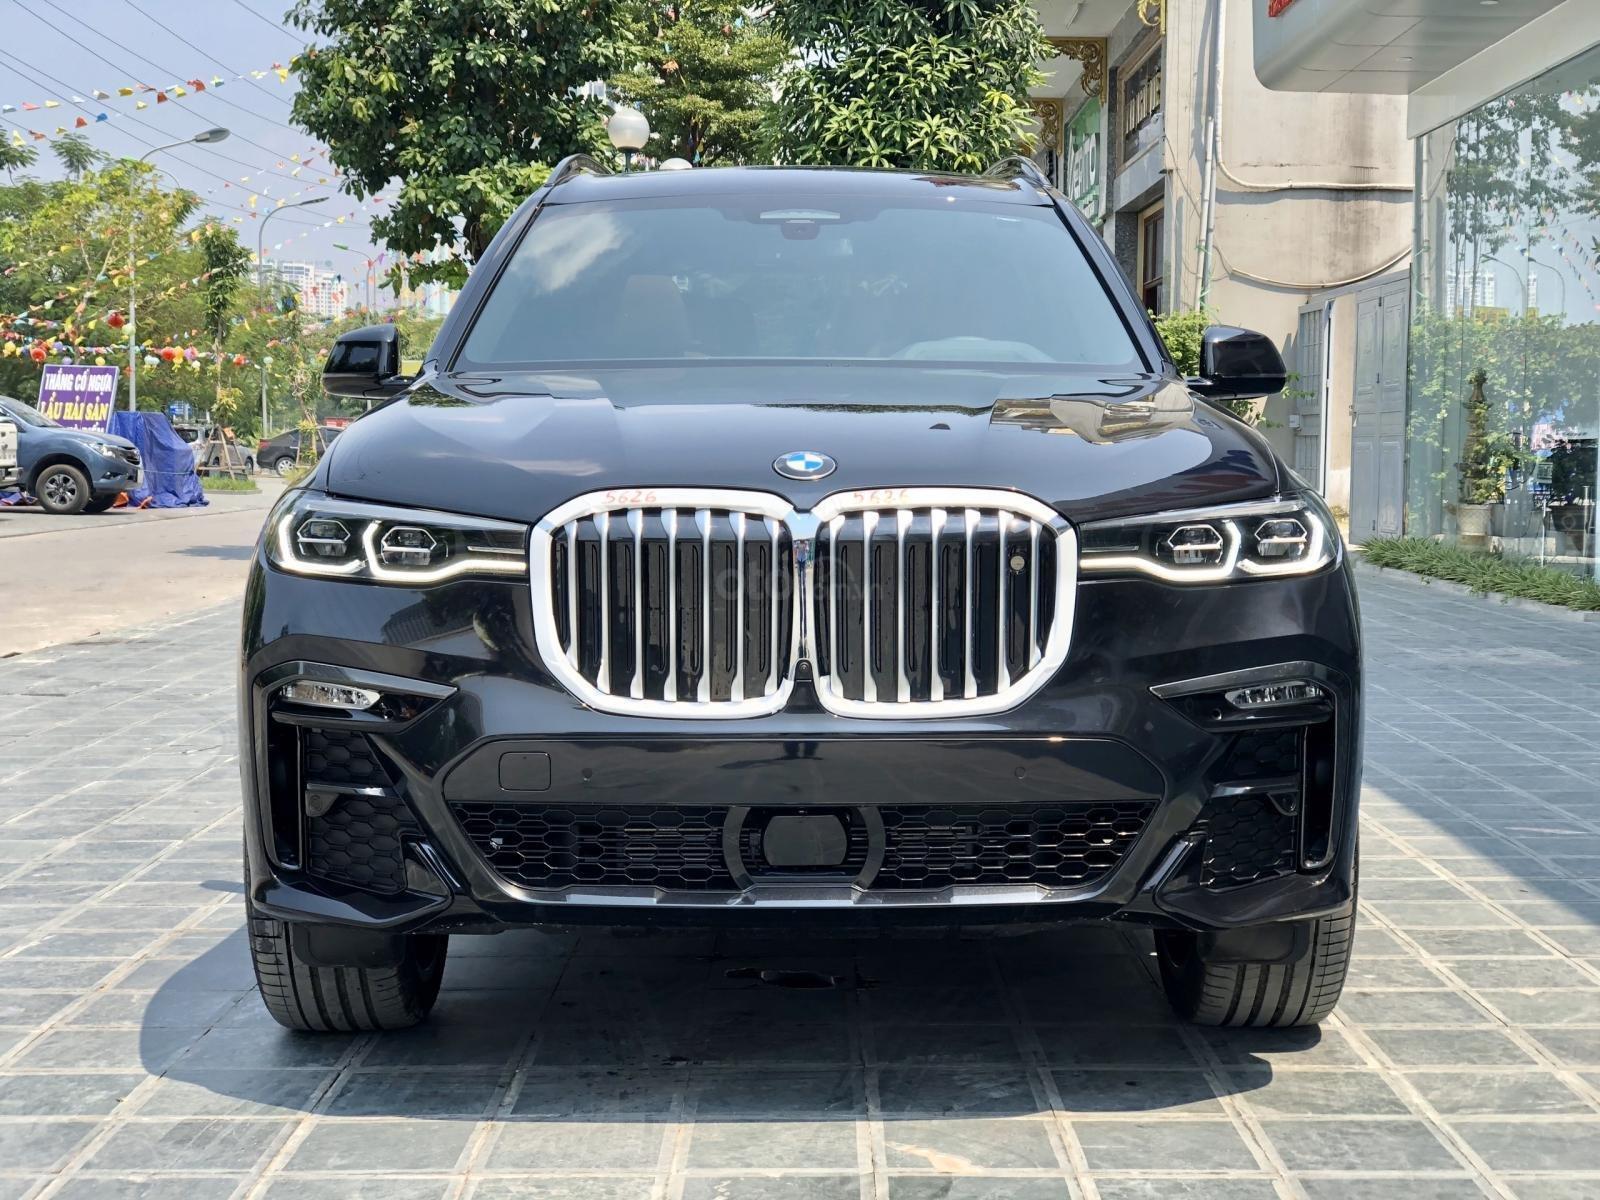 Bán BMW X7 xDrive40i đời 2020, nhập Mỹ, giao ngay toàn quốc, giá tốt, LH 0945.39.2468 Ms Hương (1)